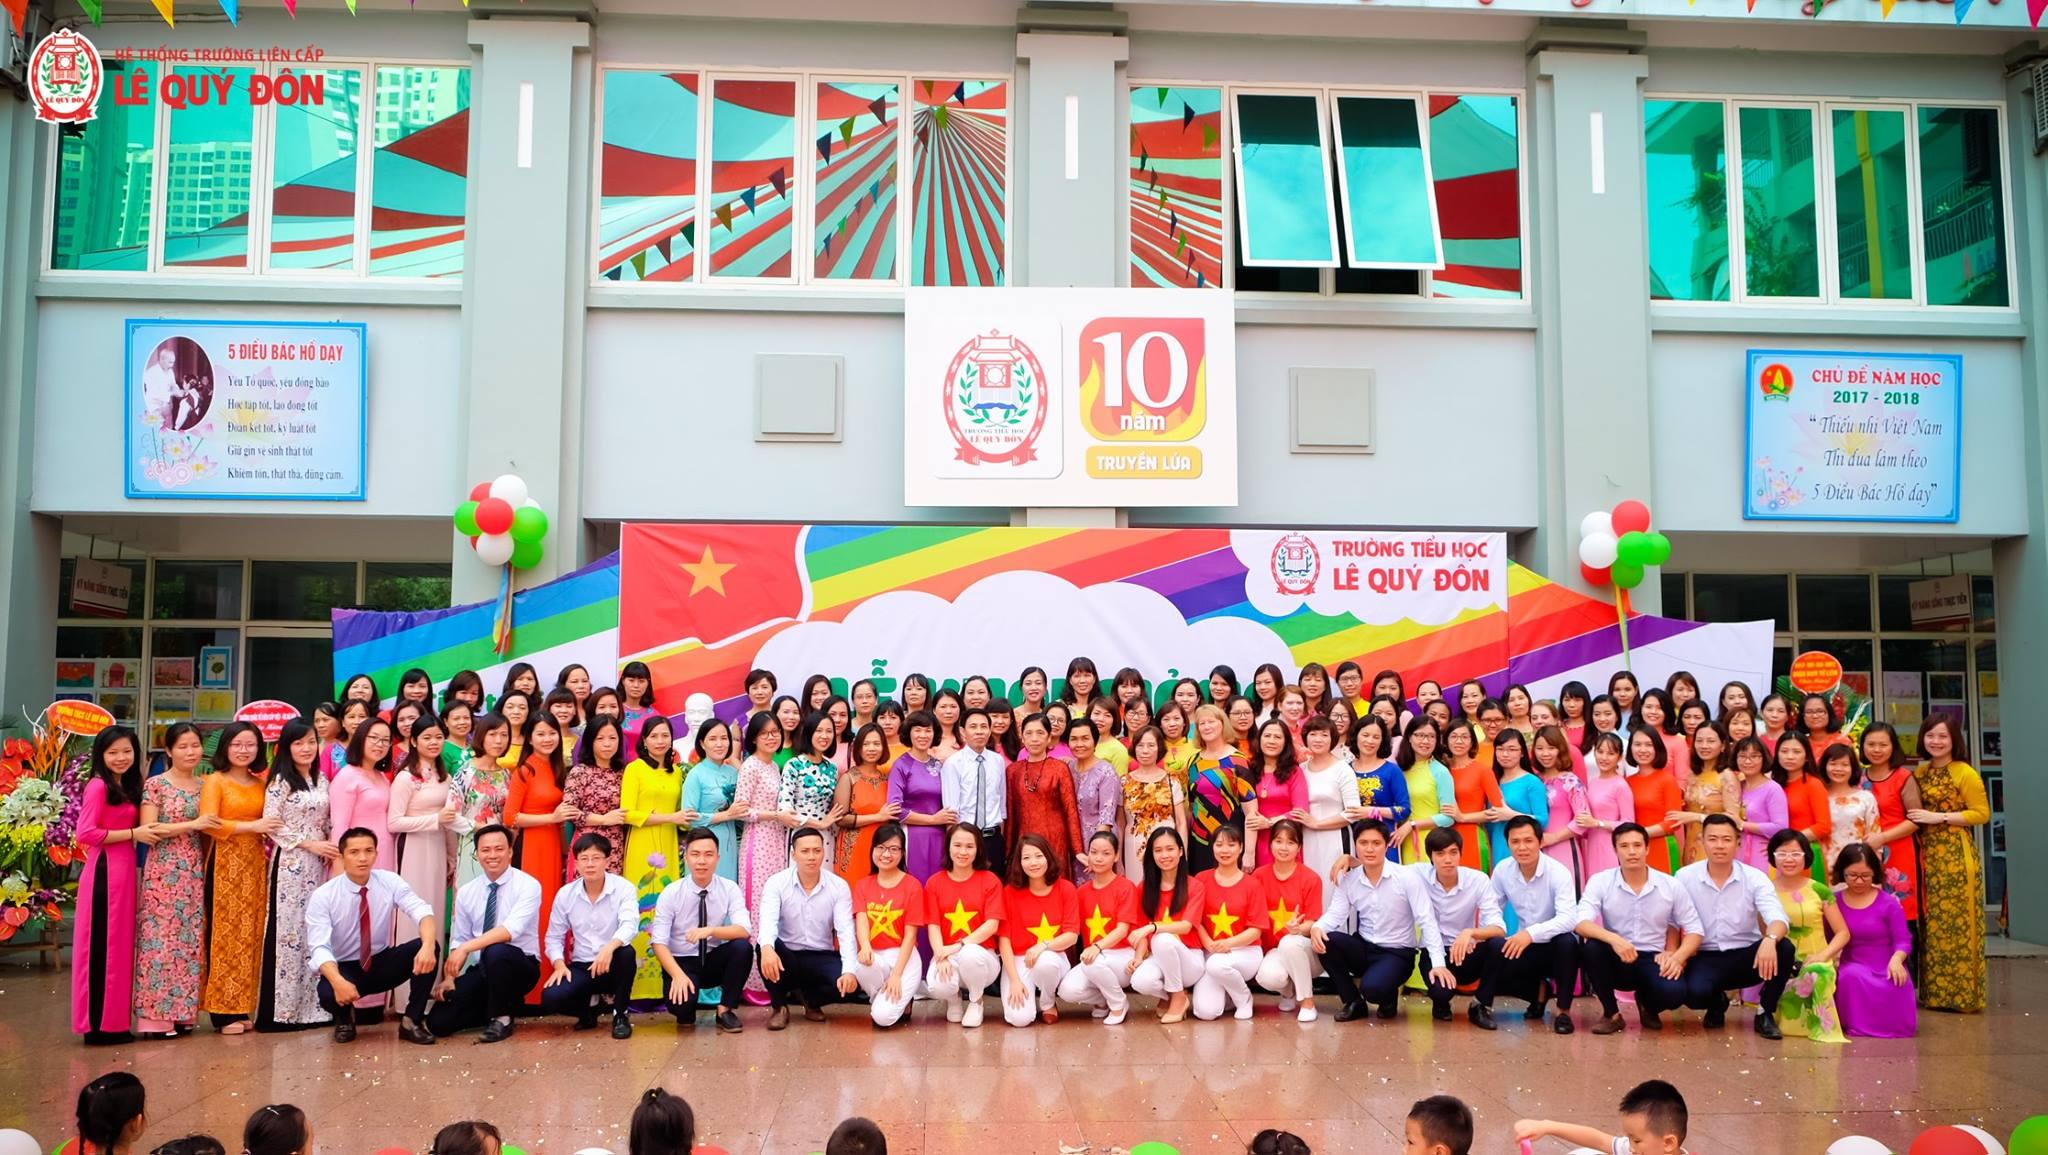 Học Phí Trường THCS Lê Quý Đôn Cầu Giấy – Hà Nội 2019